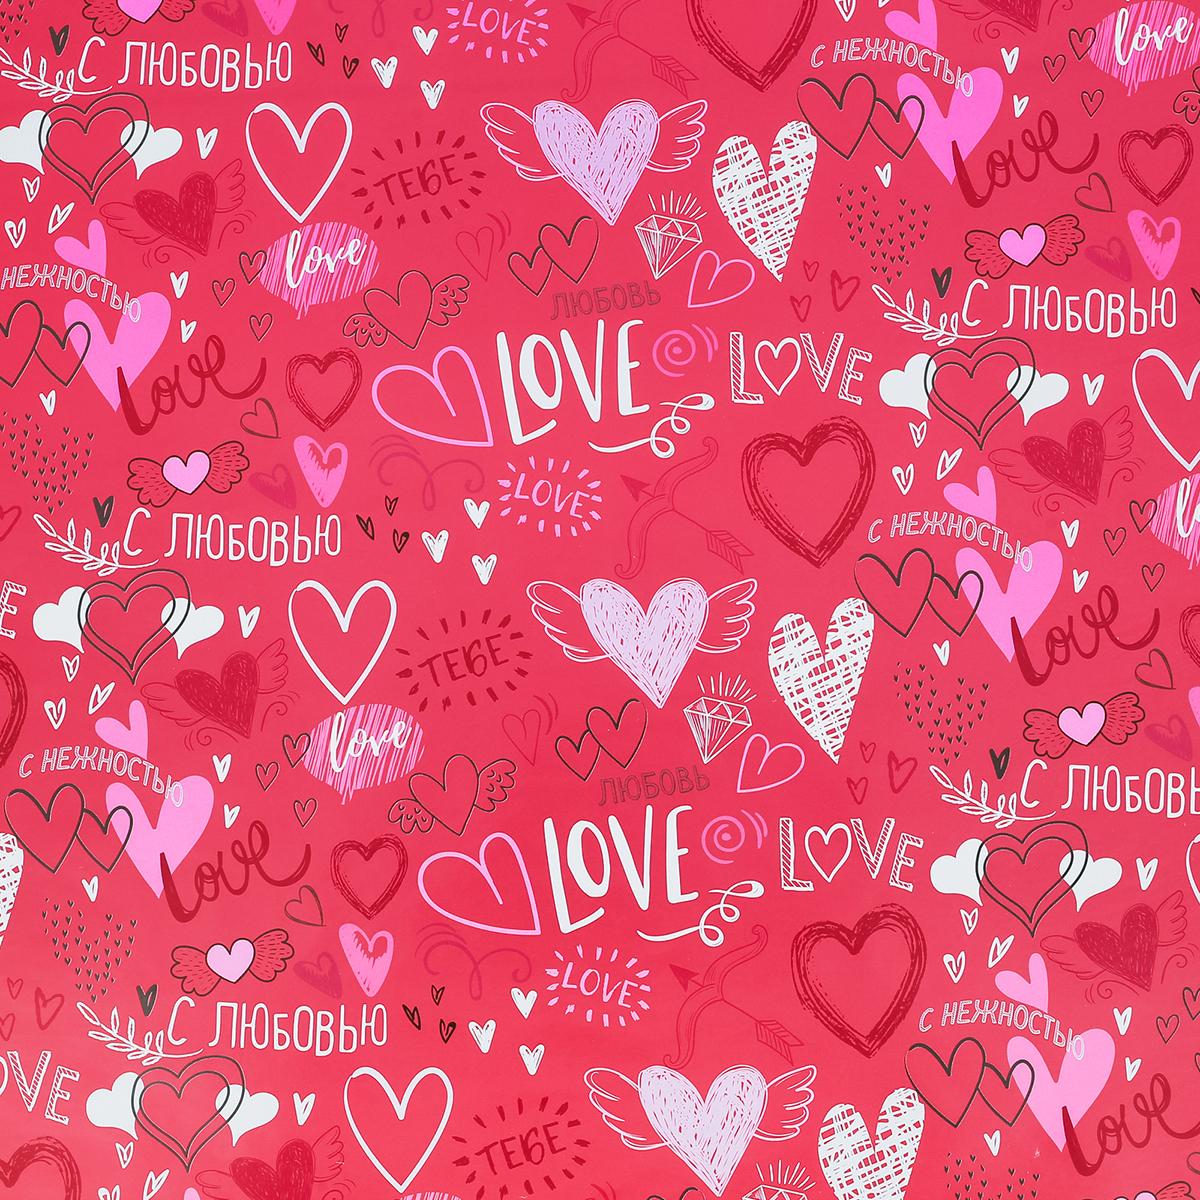 """Невозможно представить нашу жизнь без праздников! Мы всегда ждём их и предвкушаем, обдумываем, как проведём памятный день, тщательно выбираем подарки и аксессуары, ведь именно они создают и поддерживают торжественный настрой. Бумага упаковочная глянцевая """"С любовью"""" 70 х100 см — это отличный выбор, который привнесёт атмосферу праздника в ваш дом! Любой подарок начинается с упаковки. Что может быть трогательнее и волшебнее, чем ритуал разворачивания полученного презента. И именно оригинальная, со вкусом выбранная упаковка выделит ваш подарок из массы других. Она продемонстрирует самые тёплые чувства к виновнику торжества и создаст сказочную атмосферу праздника."""